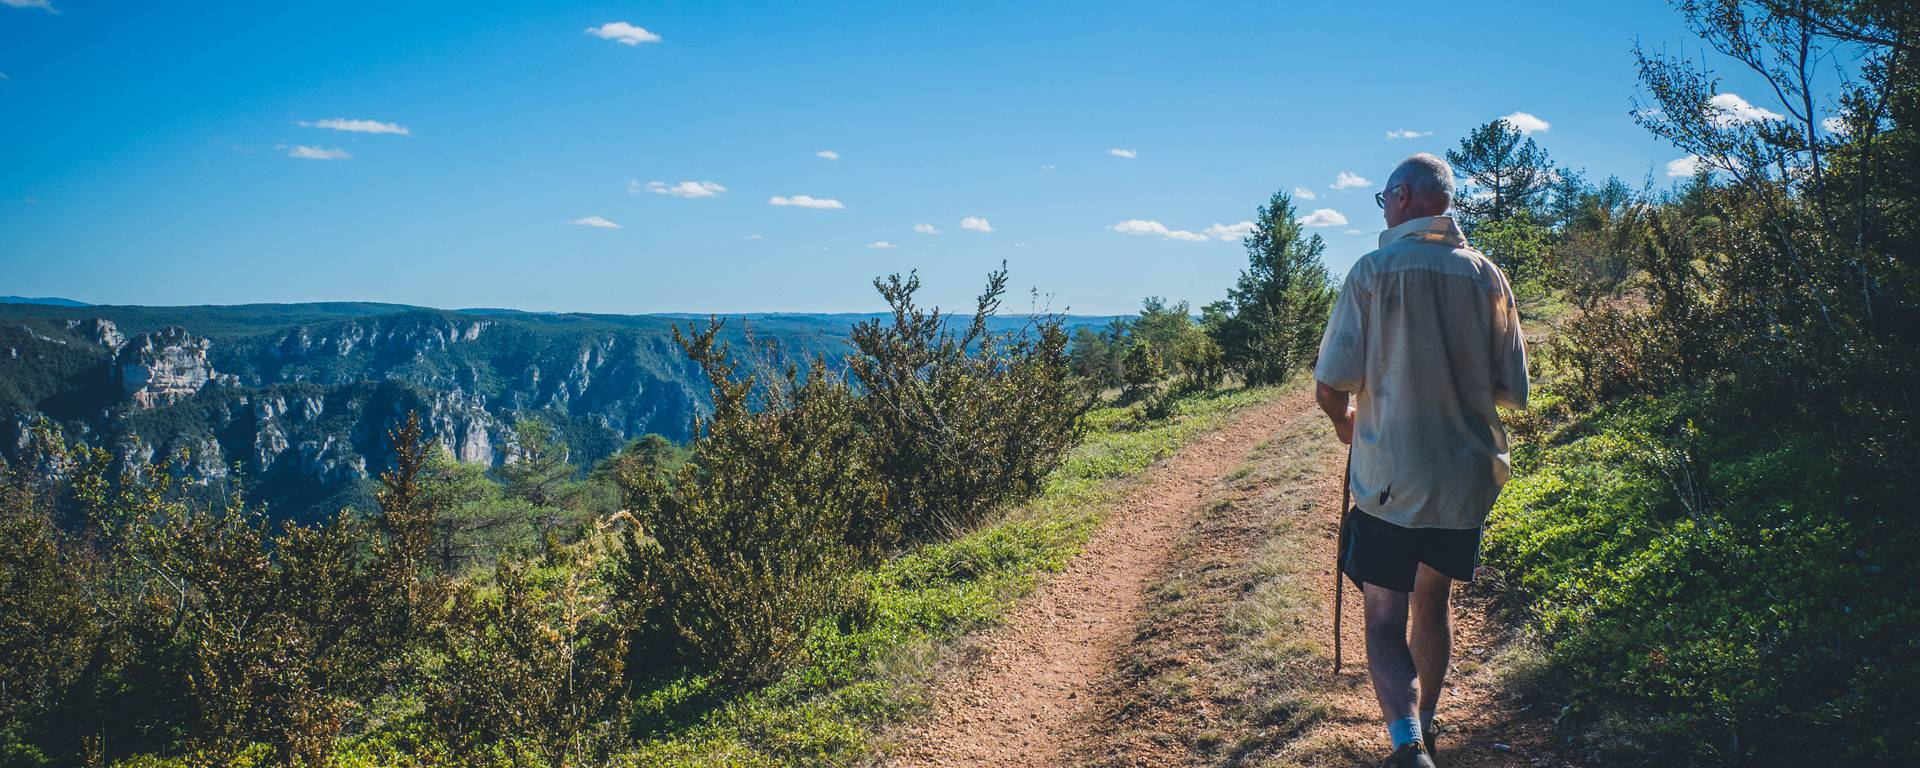 Randonnée en itinérance dans les Gorges du Tarn